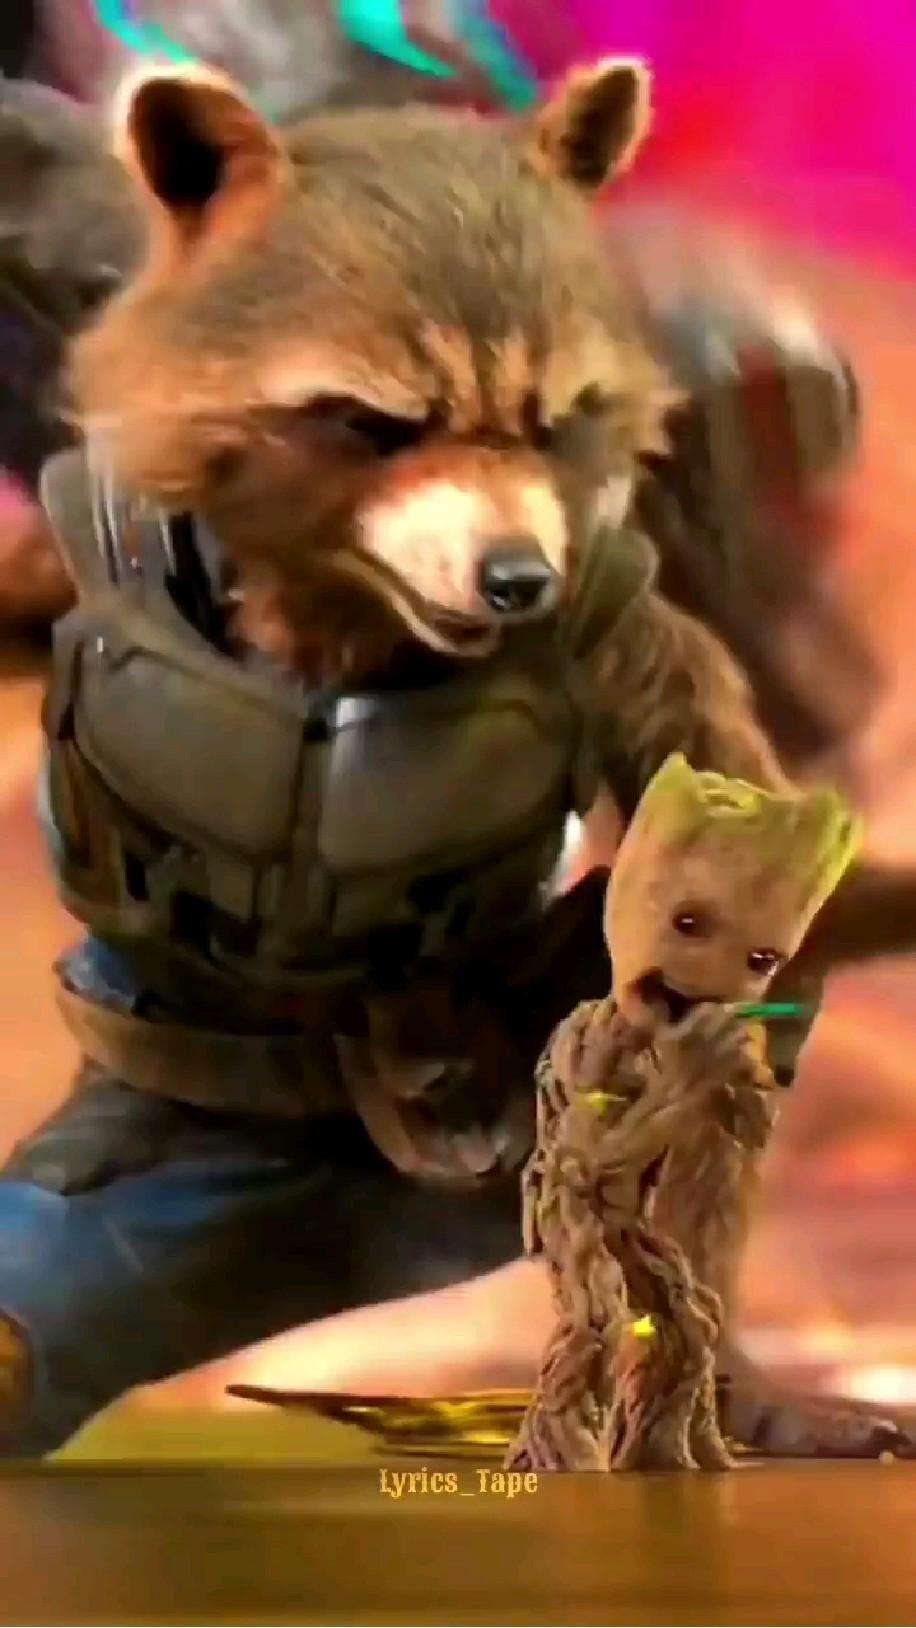 baby Groot 😍